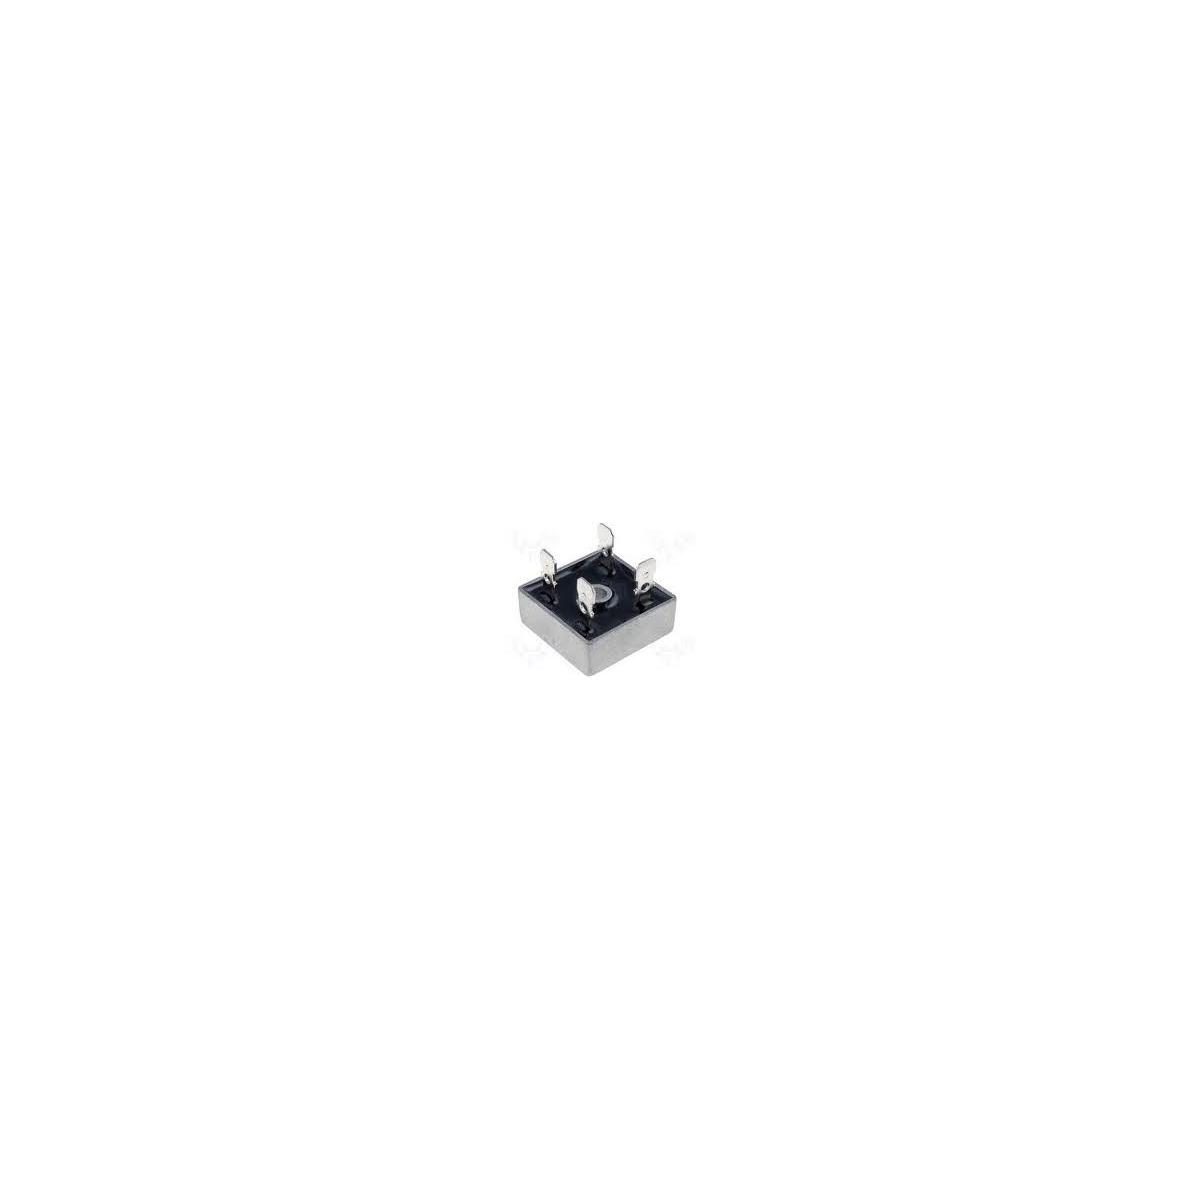 PONTE RETIFICADORA - KBPC 3510 (35A X 1000V)